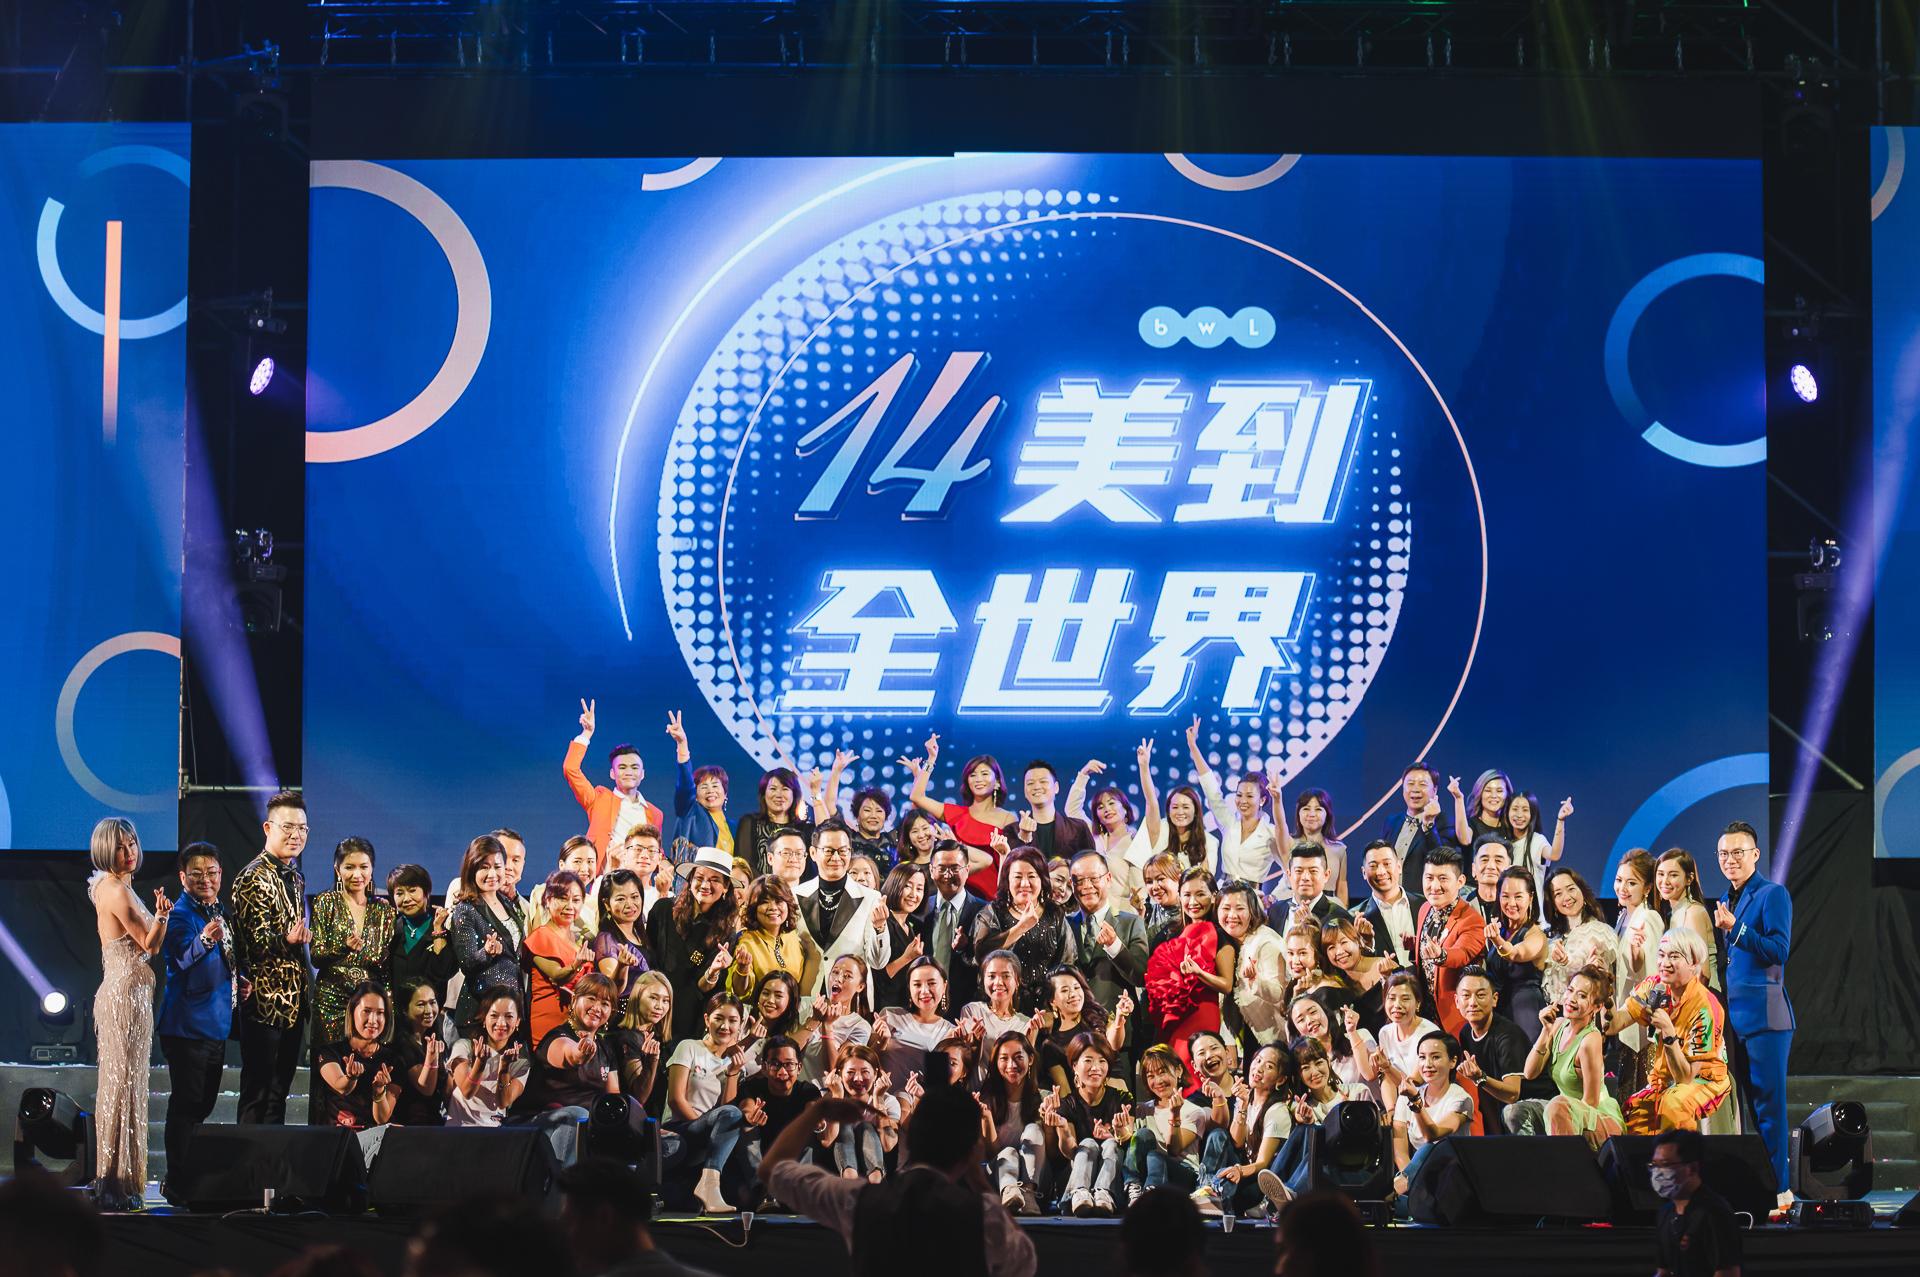 [活動攝影]全美世界14週年慶暨表揚大會-即拍即印